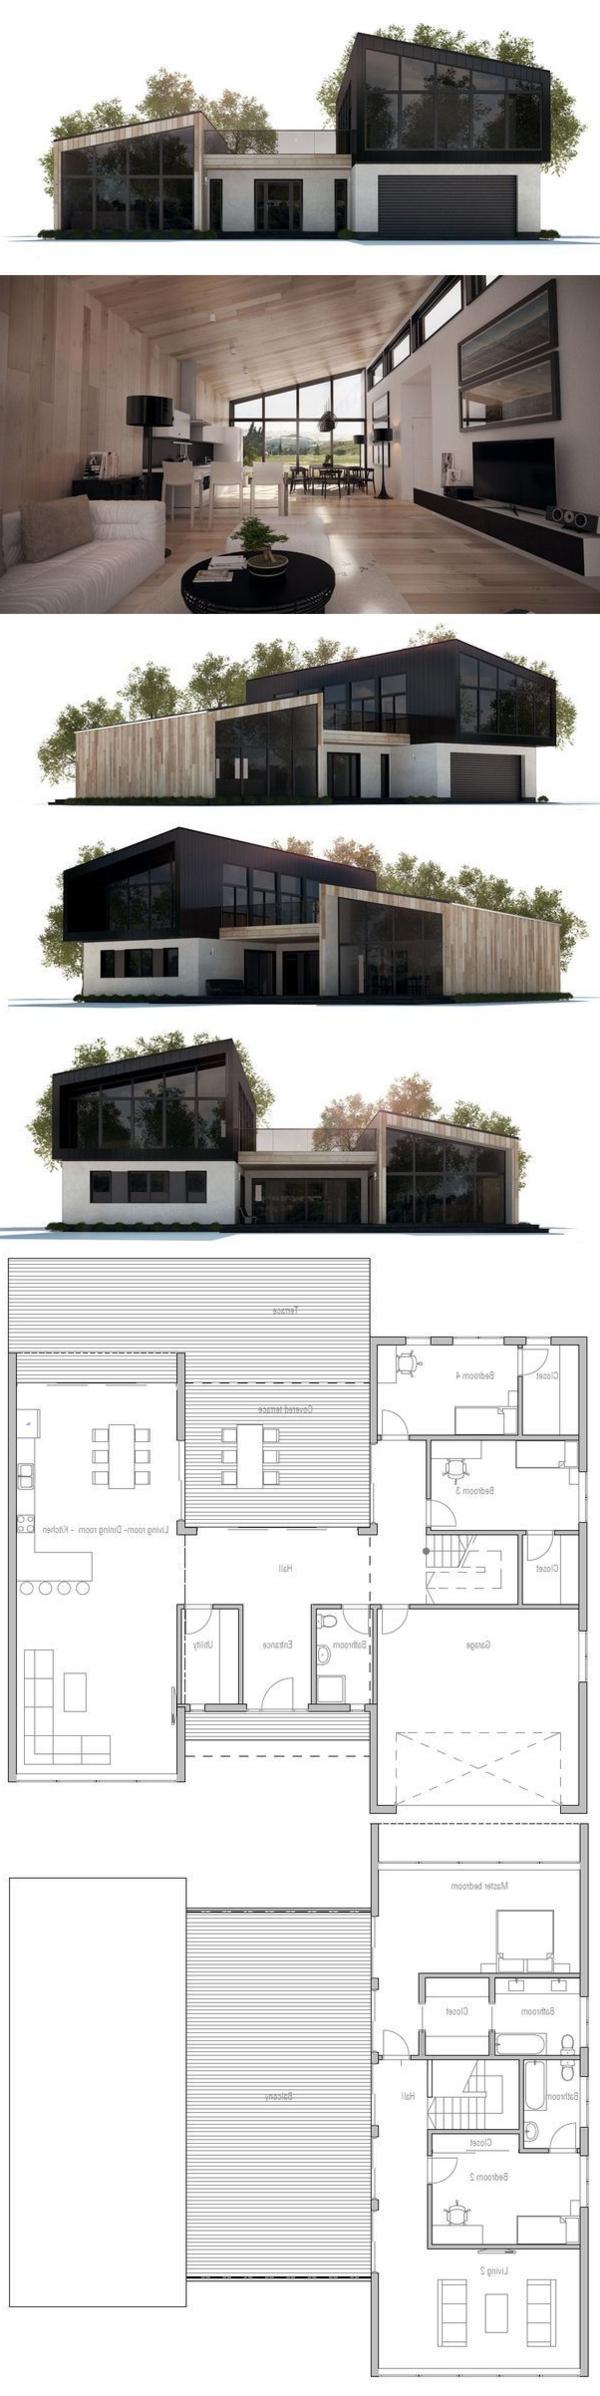 La maison plain pied moderne - Maison plain pied ou etage ...